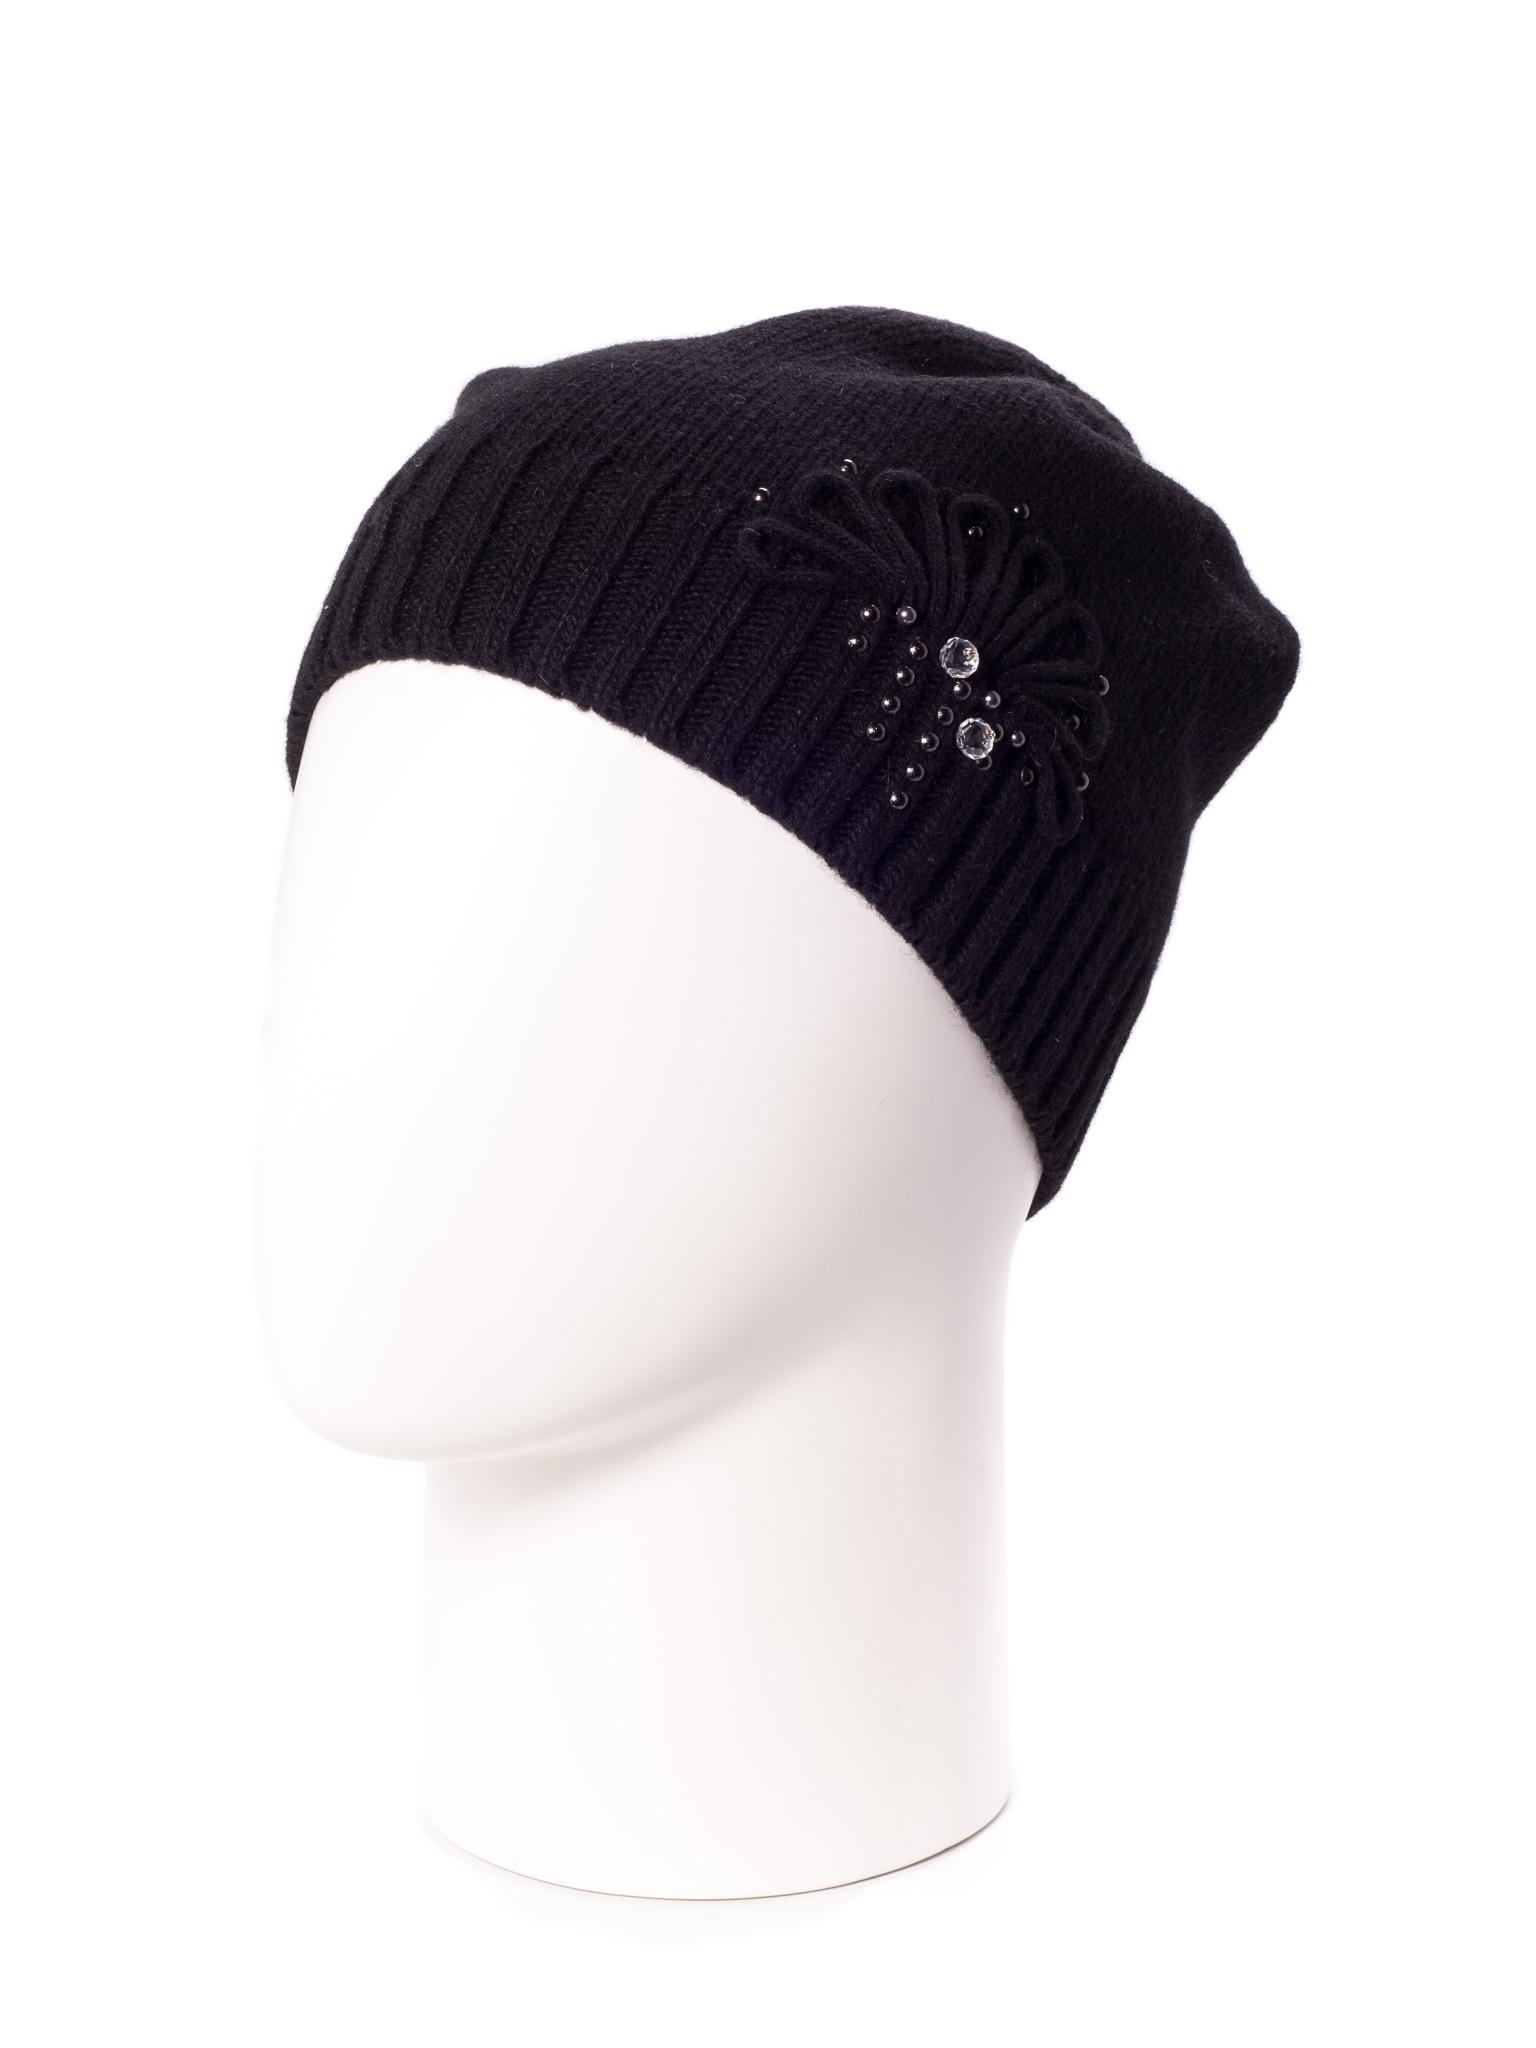 ШапкаШапки<br>Вязаная шапка подарит Вам тепло и комфорт.  Стильный аксессуар подчеркнет Вашу женственность и станет прекрасным дополнением Вашего образа.  Цвет: черный<br><br>По материалу: Вязаные,Трикотаж<br>По рисунку: Однотонные<br>По элементам: С декором<br>По сезону: Осень,Весна<br>Размер : universal<br>Материал: Вязаное полотно<br>Количество в наличии: 1